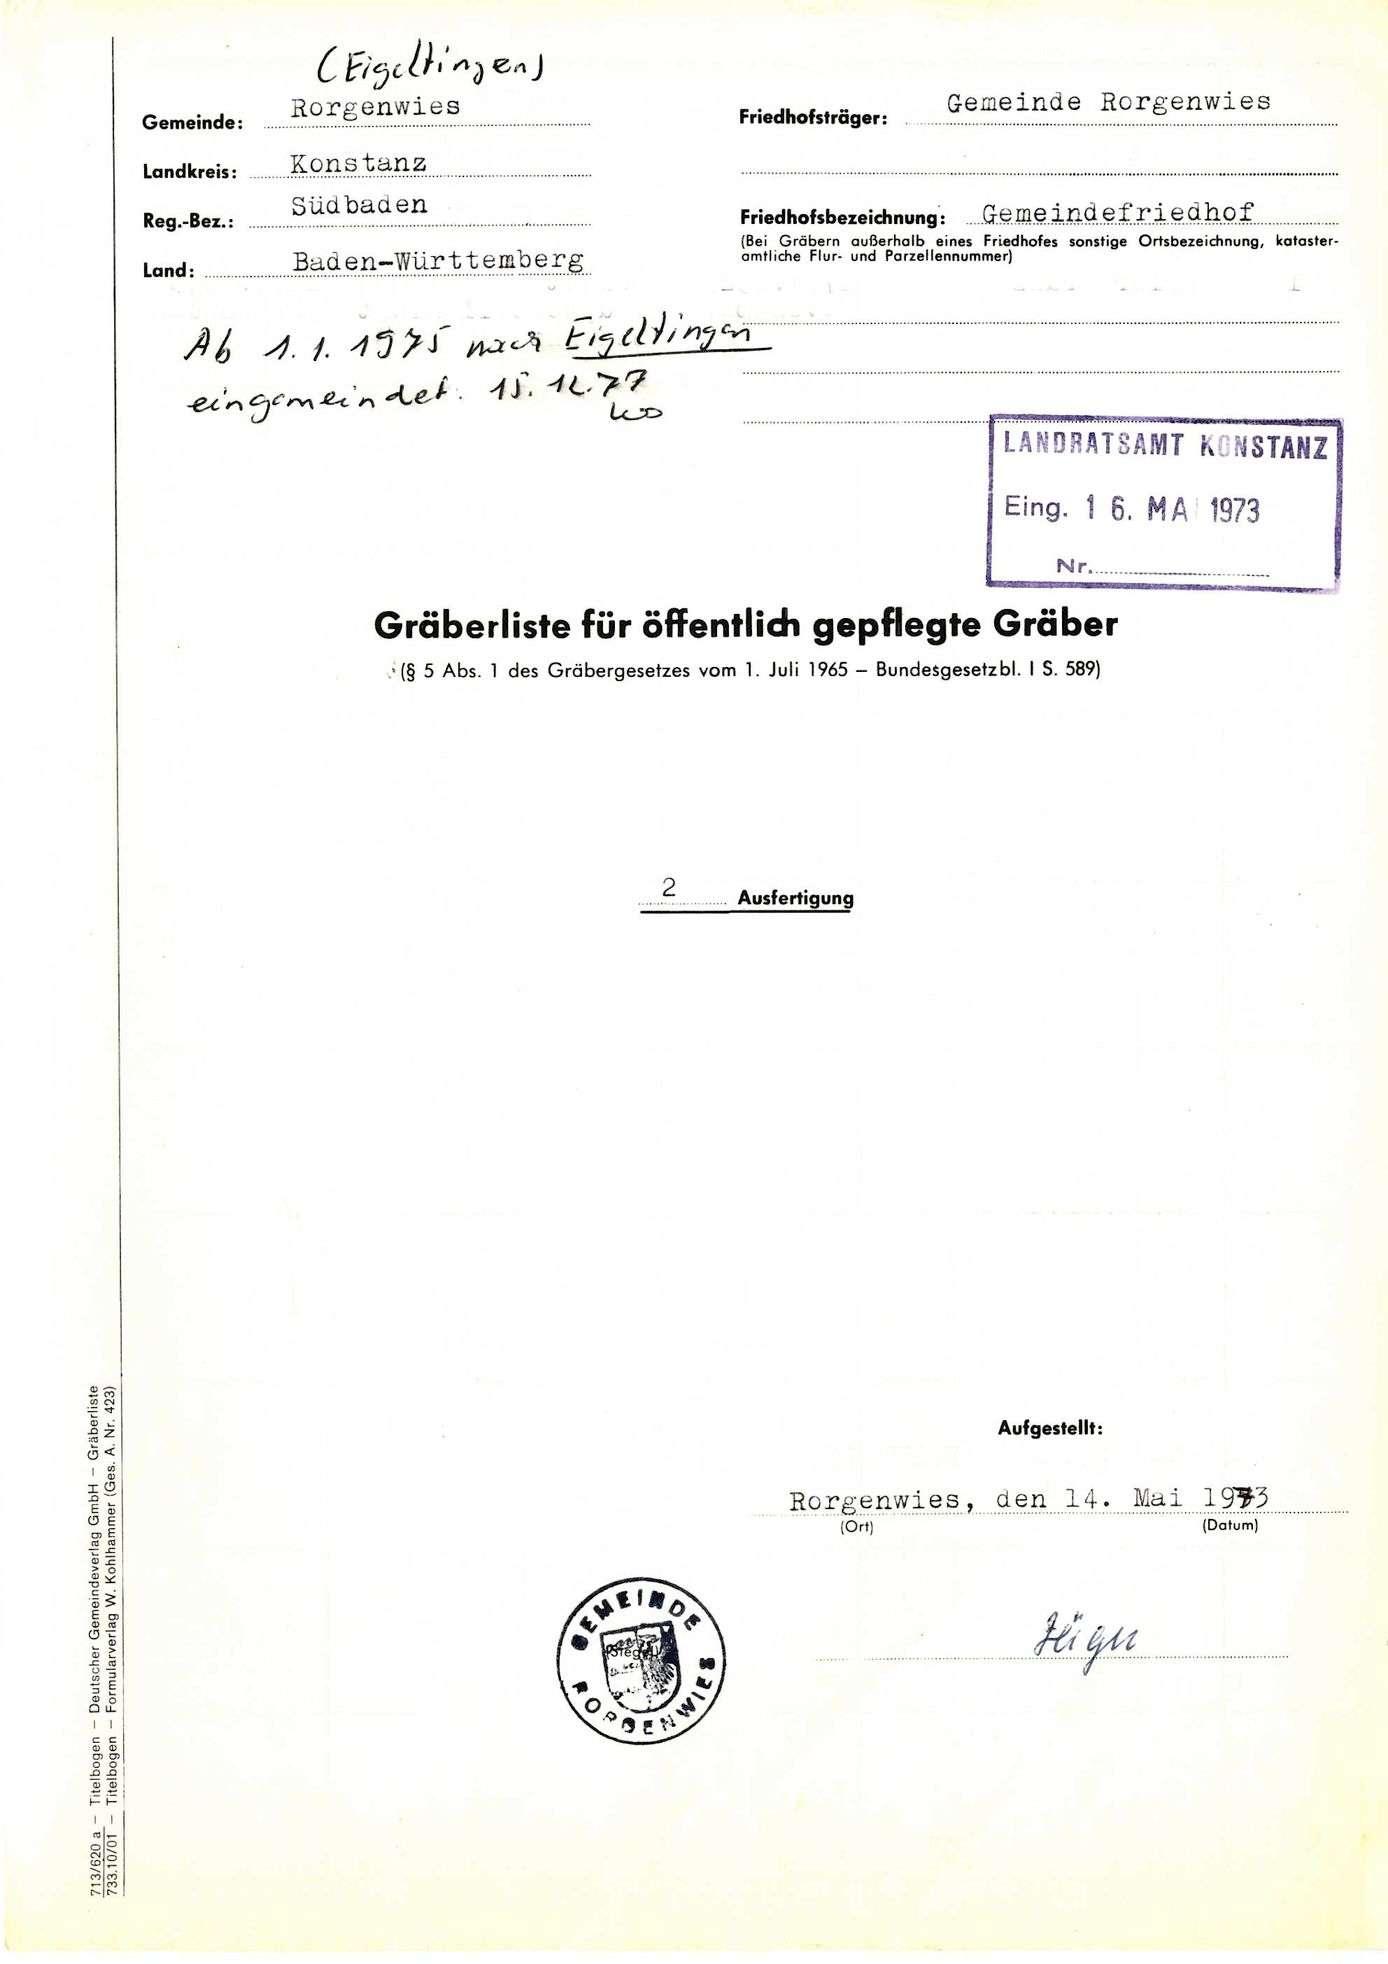 Rorgenwies, Bild 1